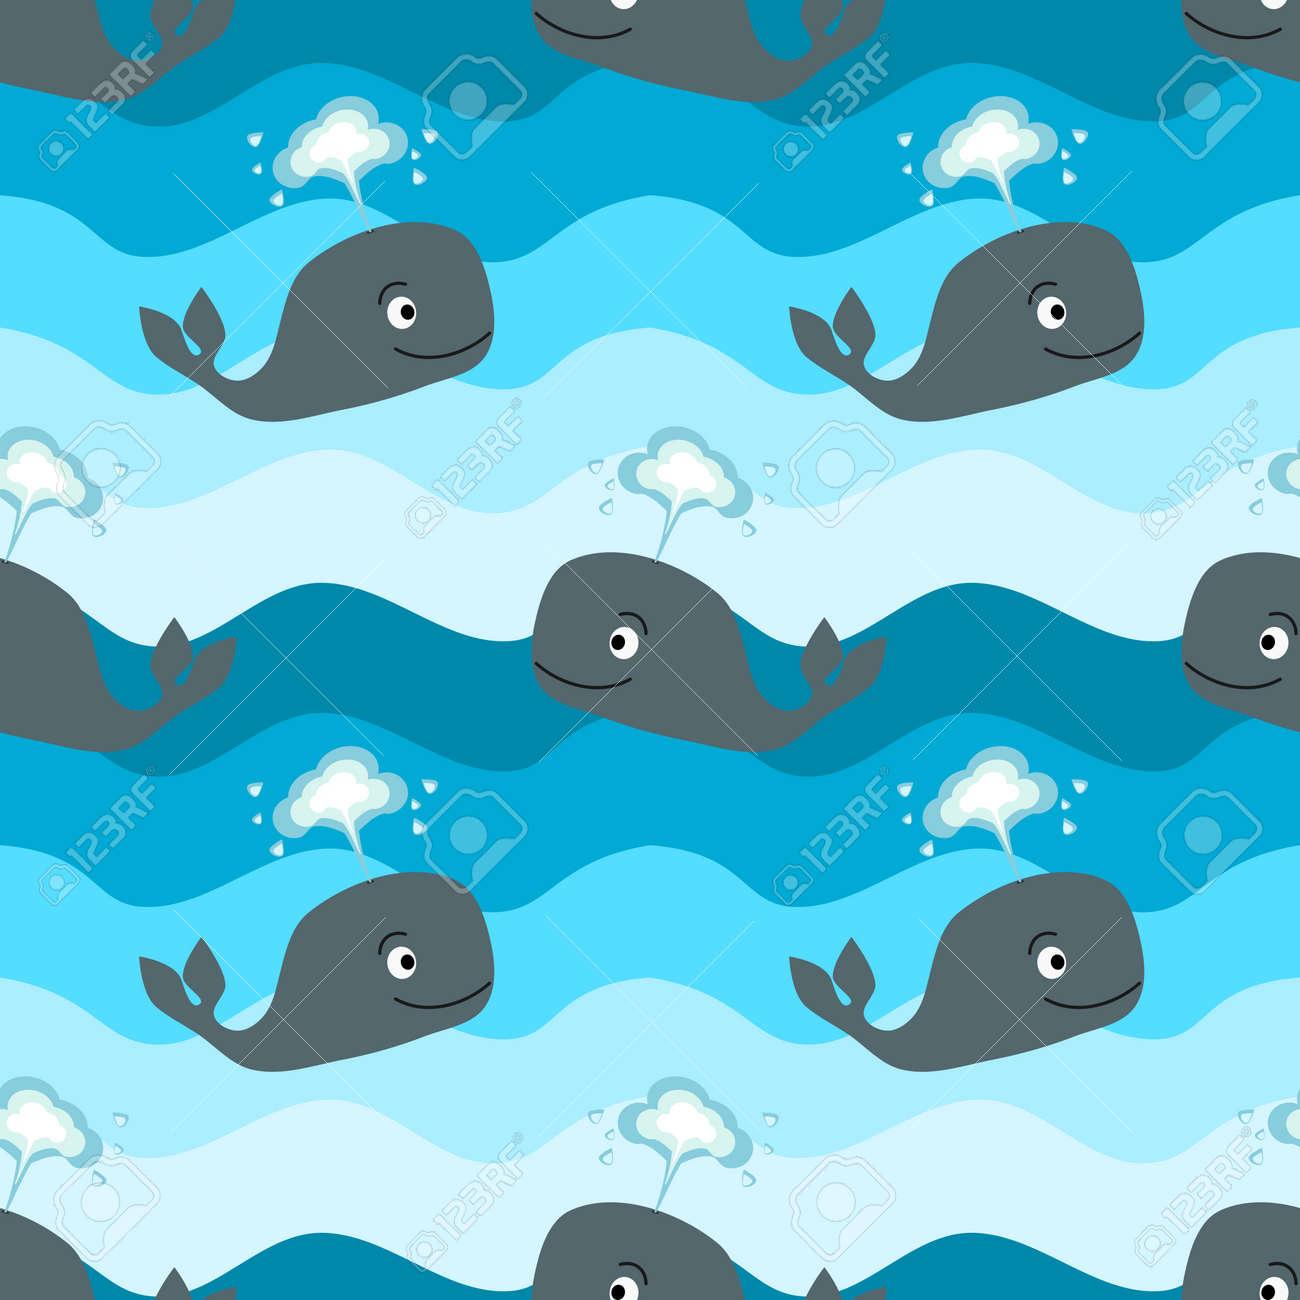 漫画鯨海シームレスなベクトル パターンのイラスト背景 ロイヤリティ